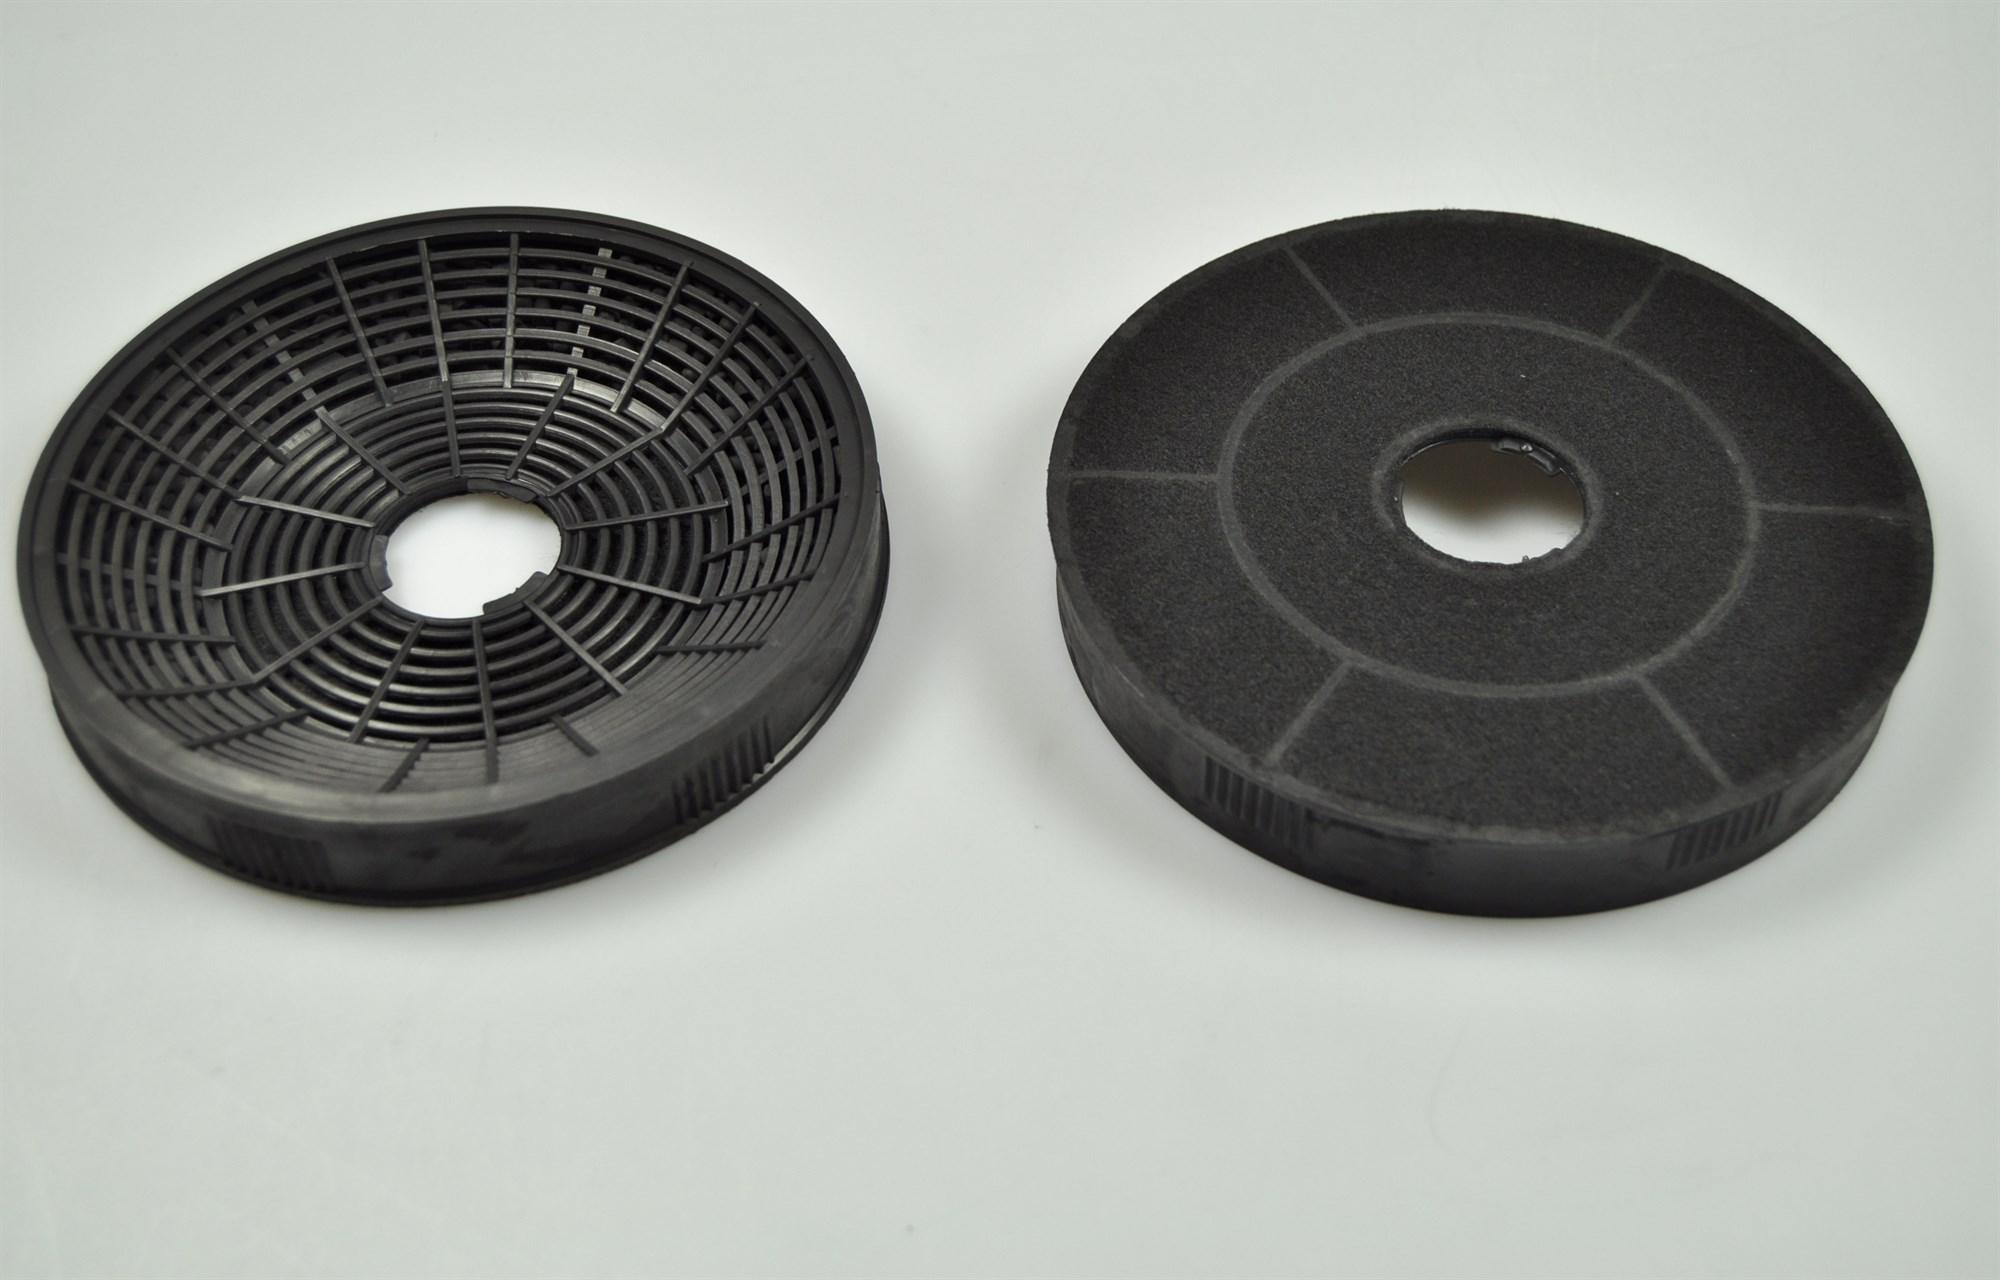 kohlefilter silverline dunstabzugshaube 160 mm 2 stck. Black Bedroom Furniture Sets. Home Design Ideas